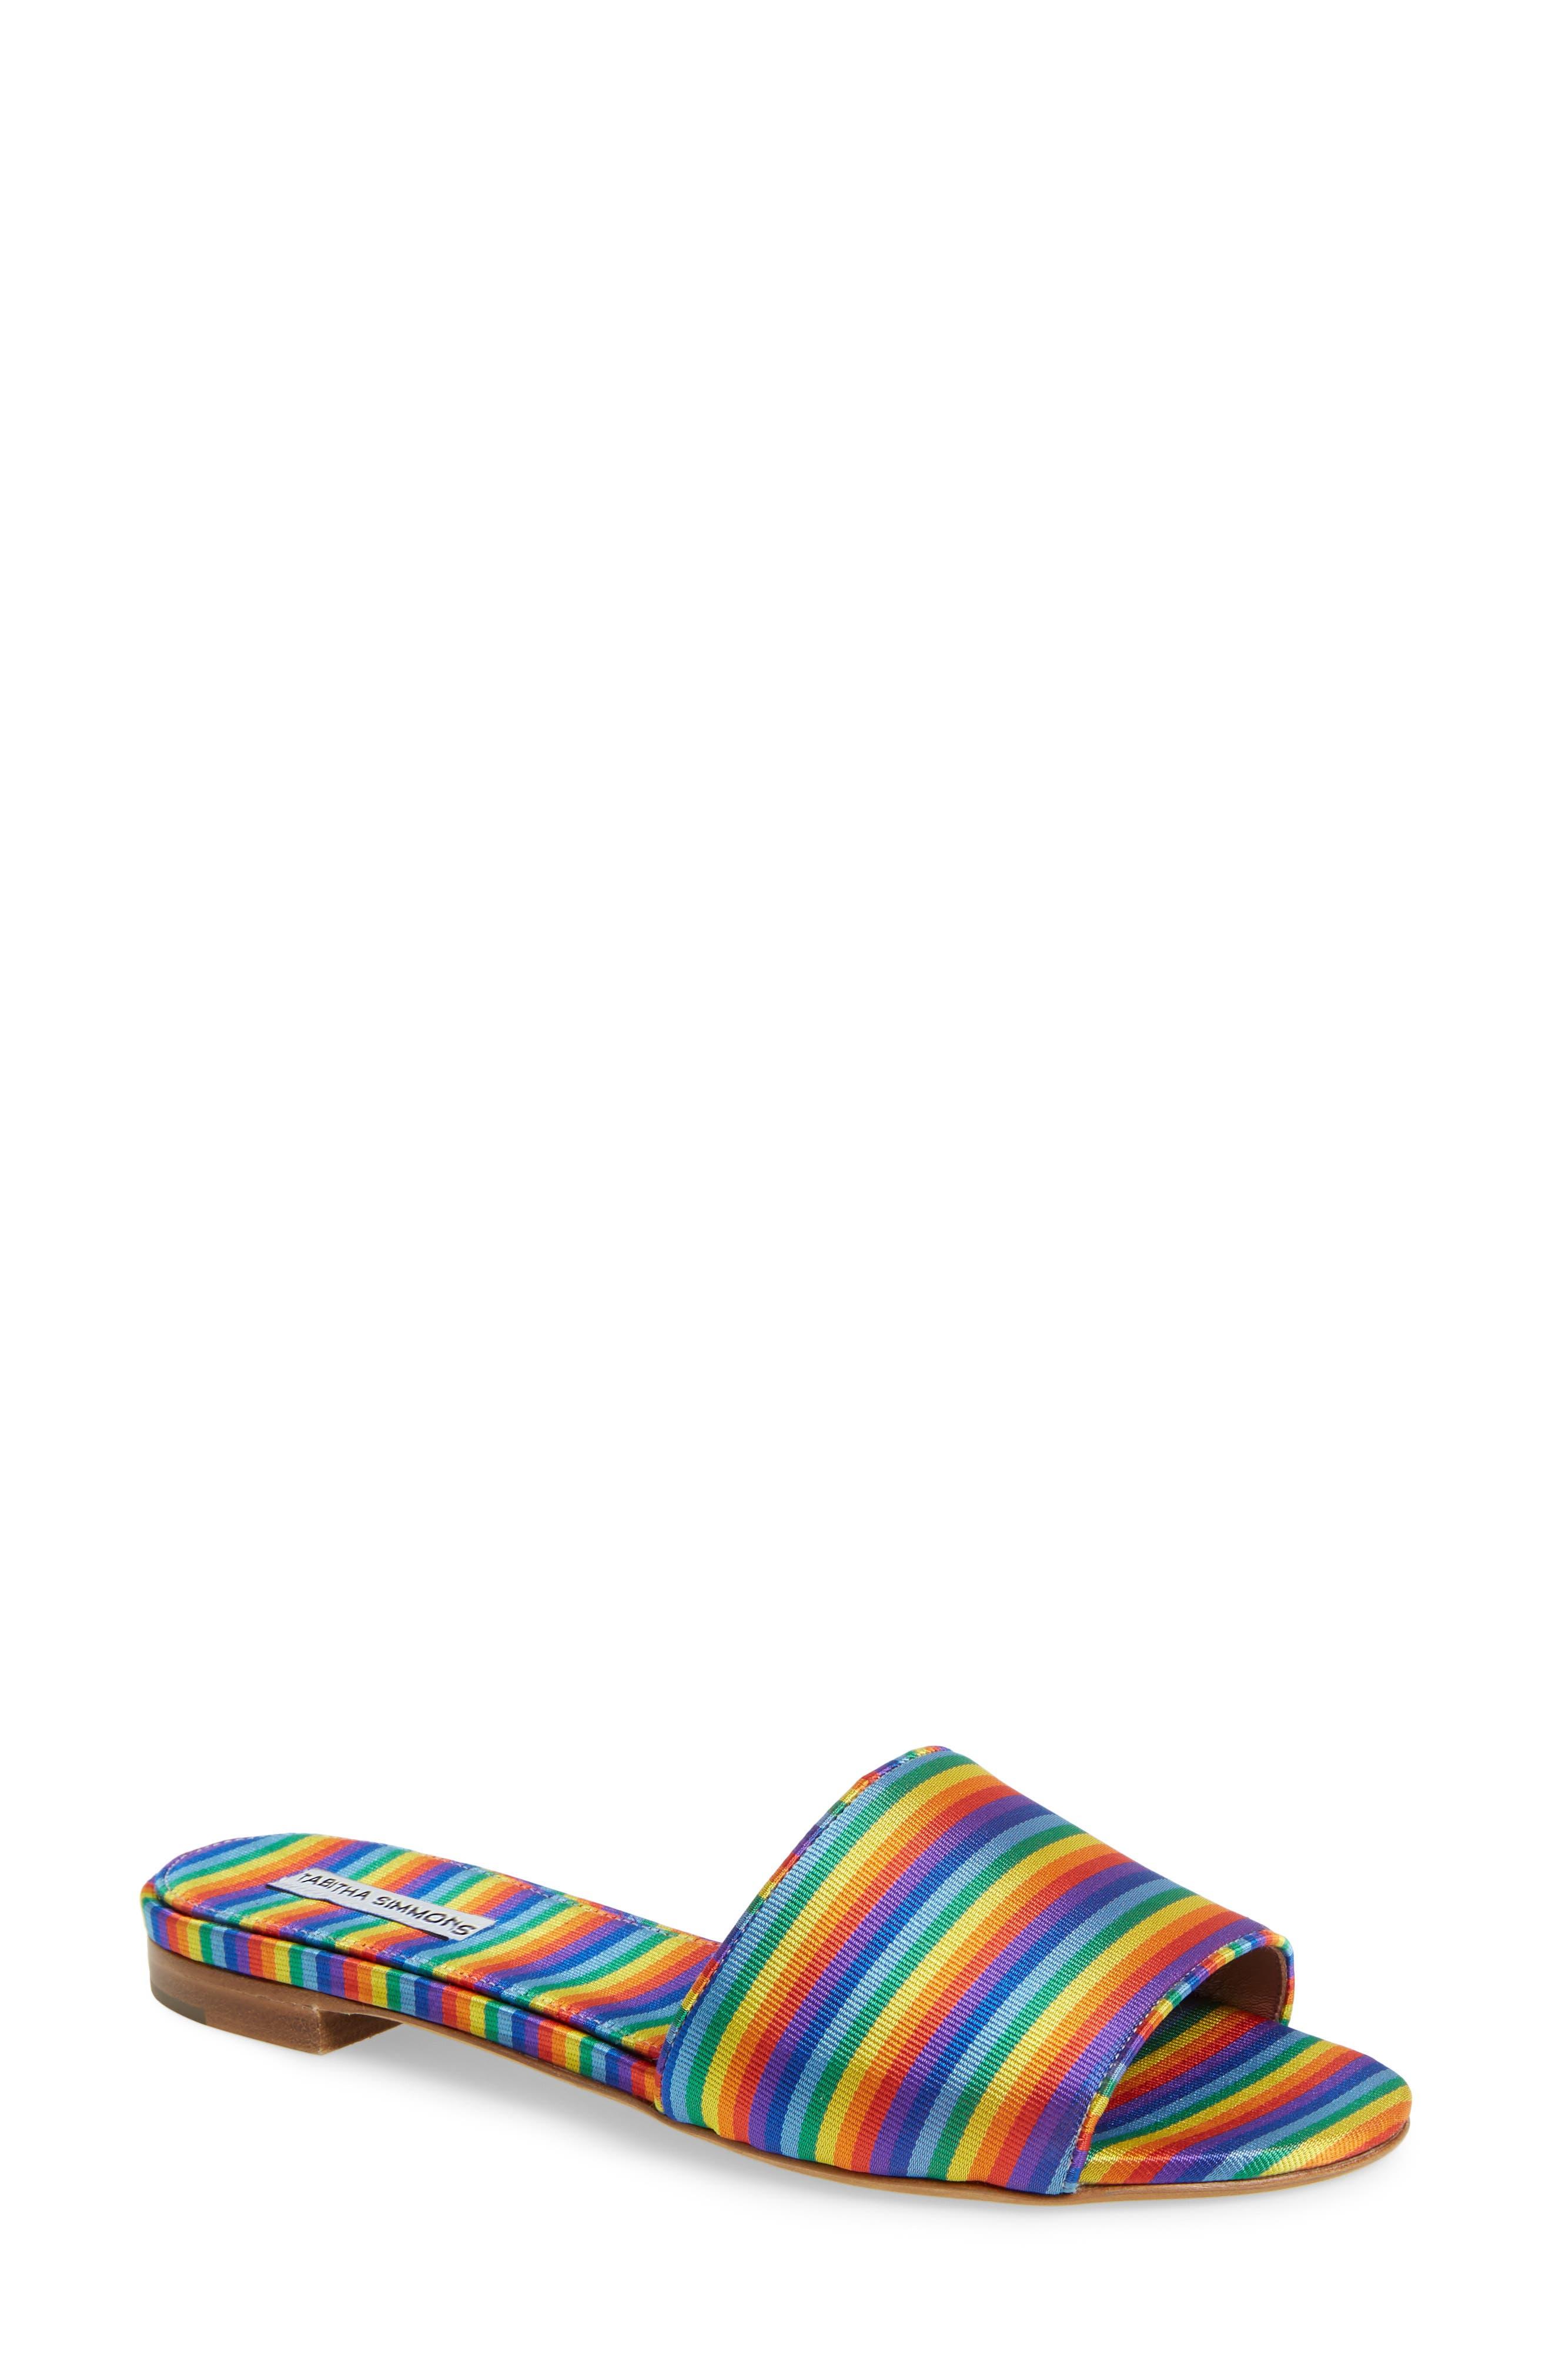 Alternate Image 1 Selected - Tabitha Simmons Sprinkles Slide Sandal (Women)